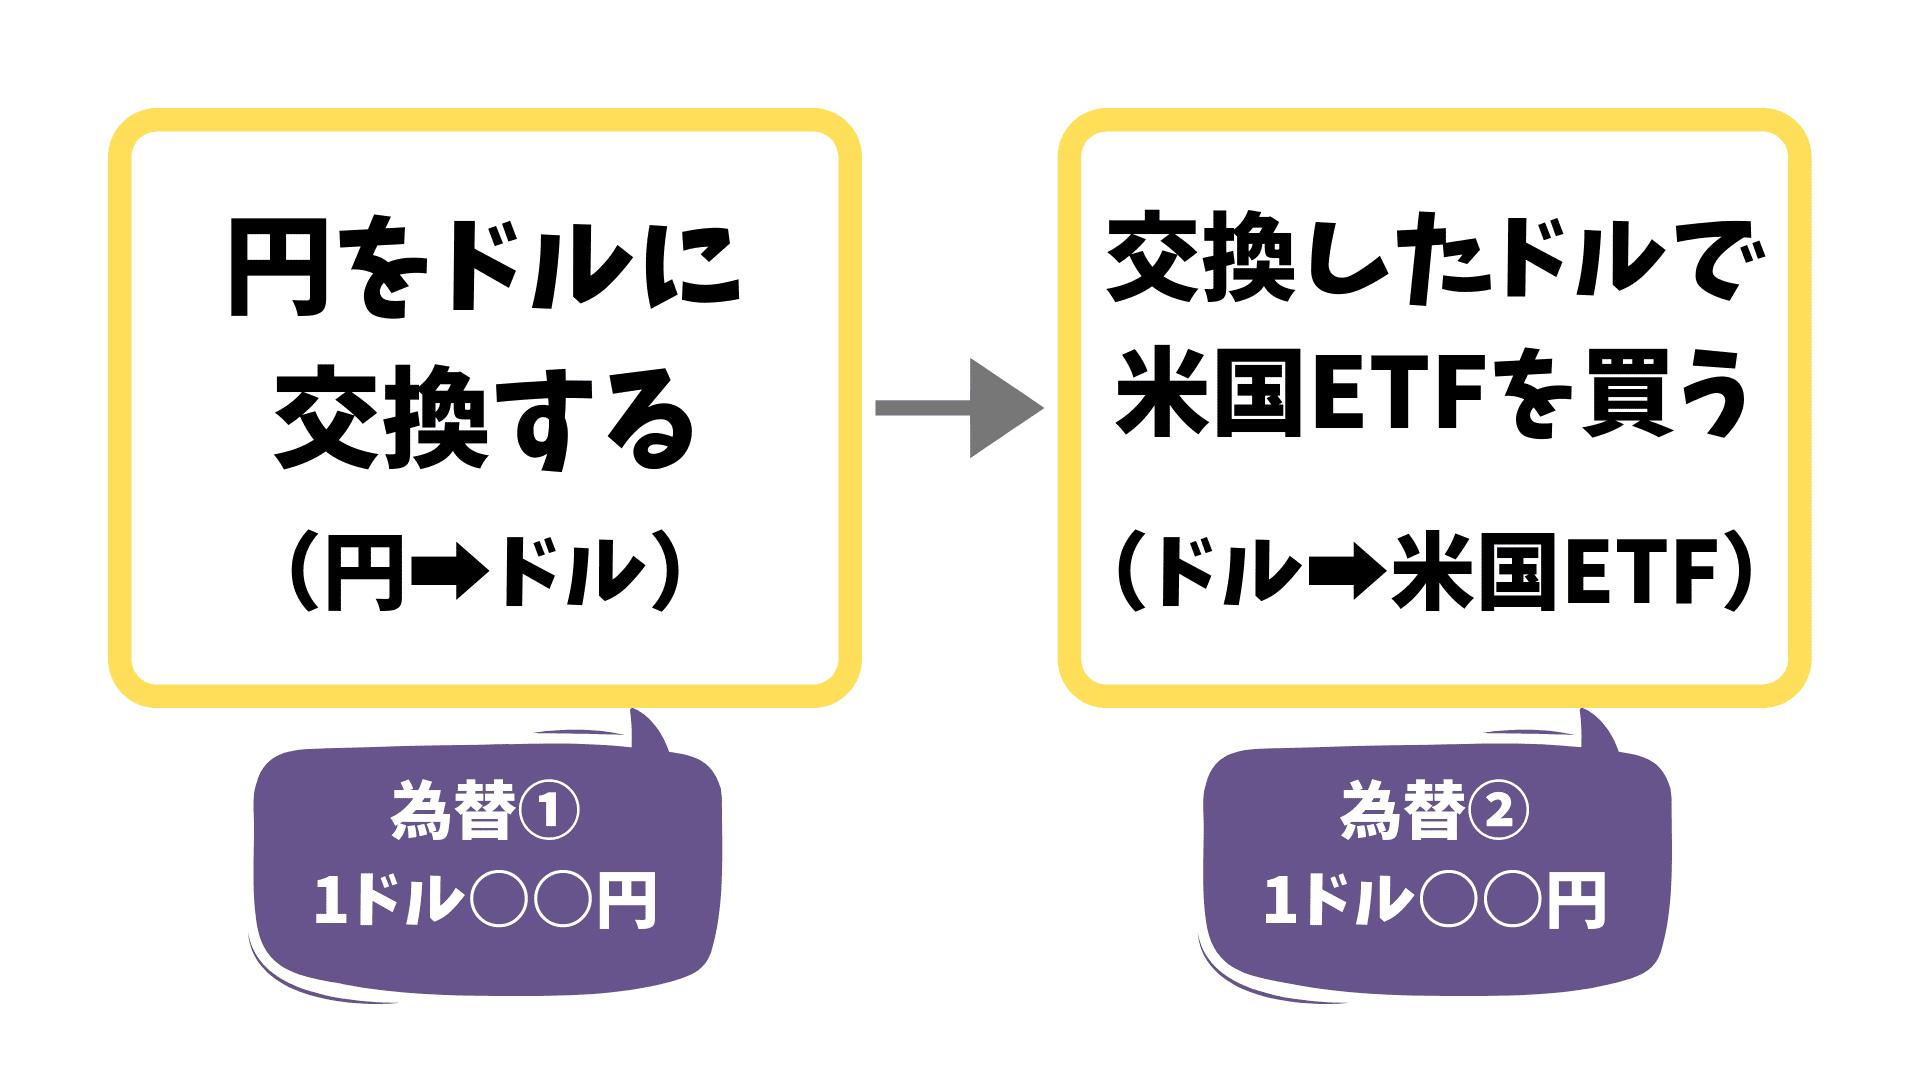 【海外ETFの為替差益】円をドルに交換して米国ETFを買う